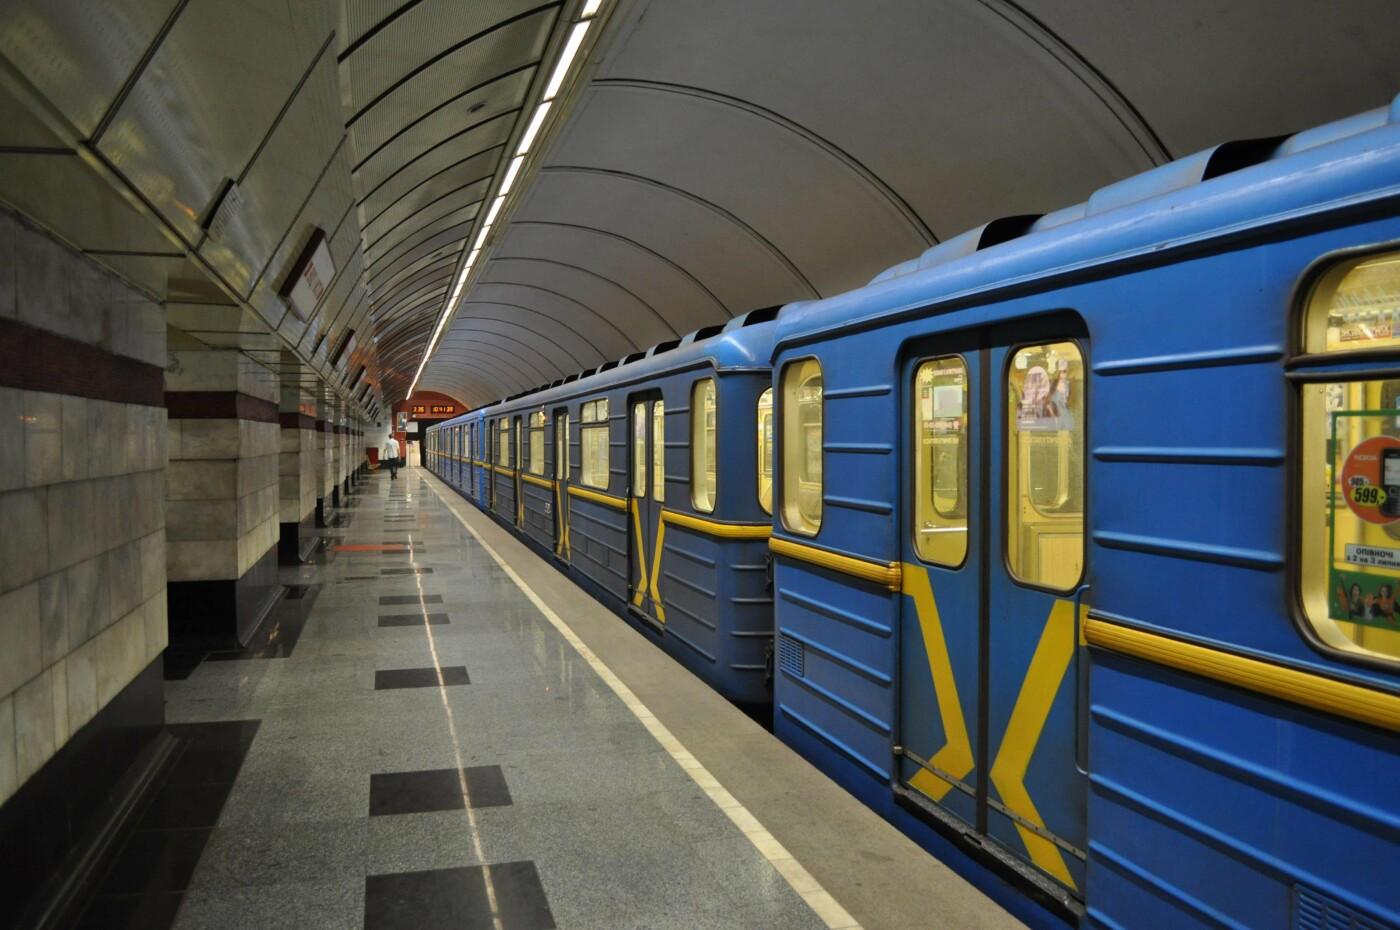 Виноградарь в Киеве: кто основал и когда строился жилой массив, - ФОТО, Фото:  Виктор Куликов